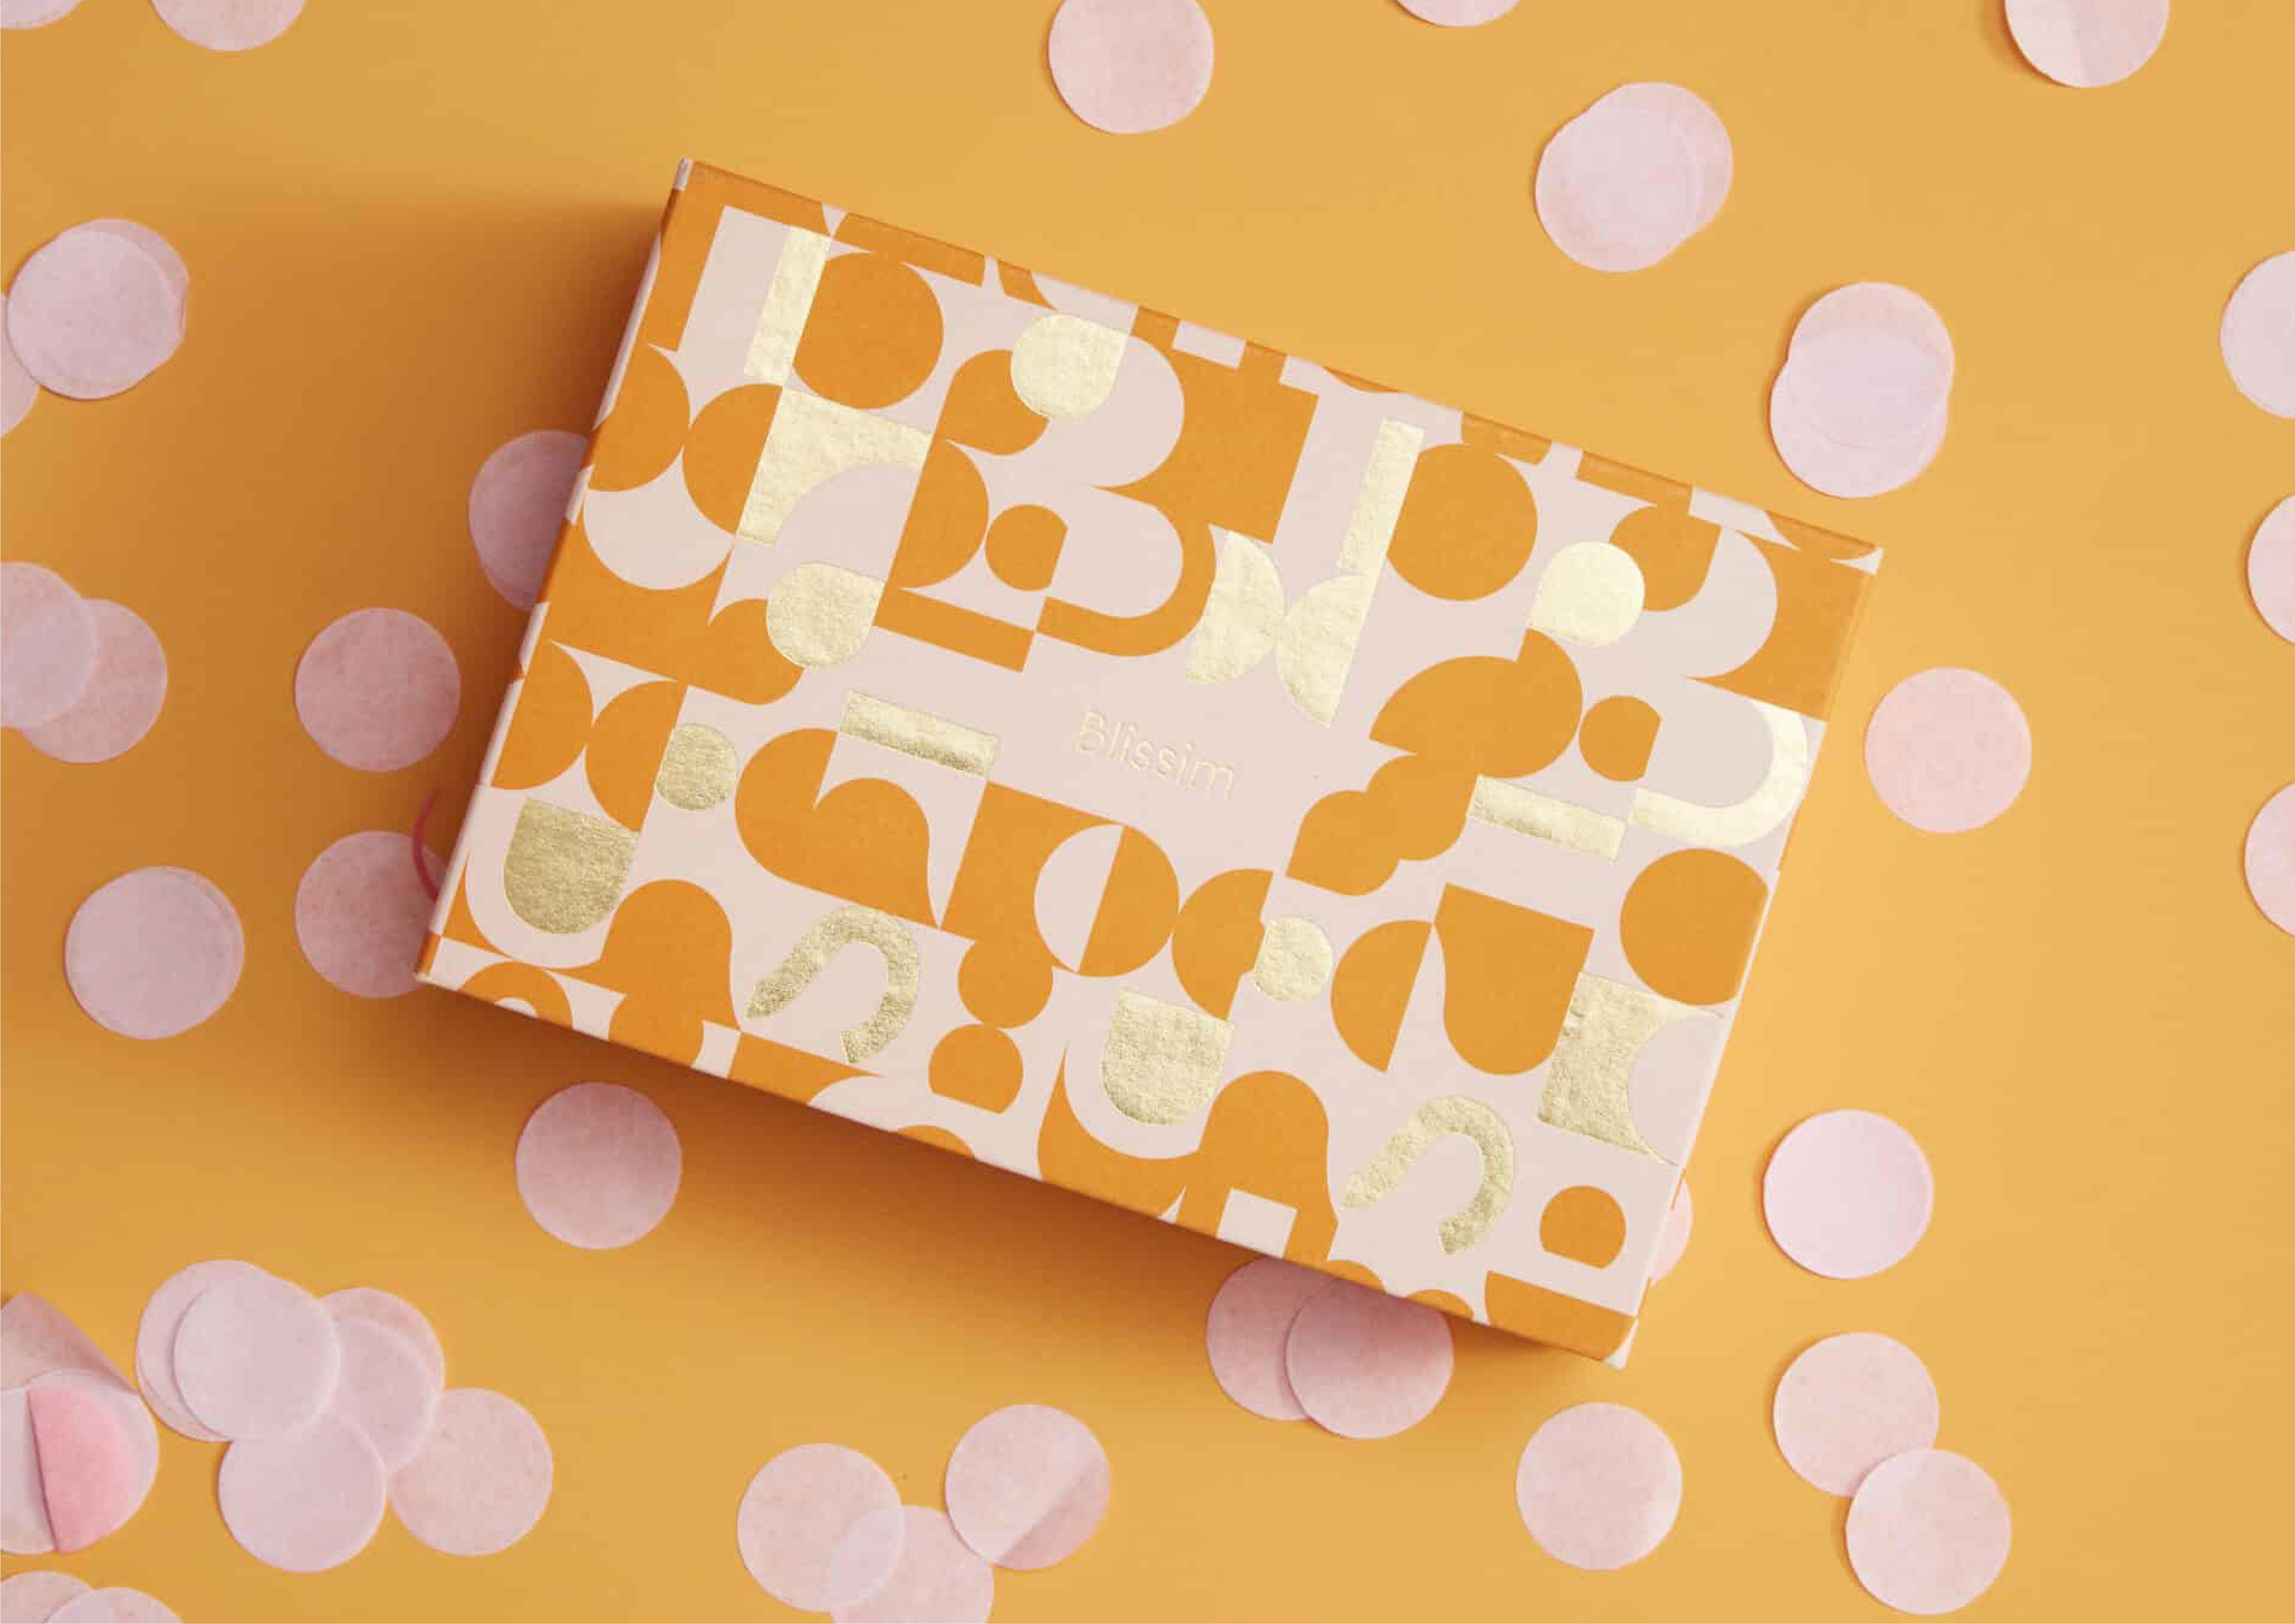 nouvelle box blissim et pétales roses birchbox